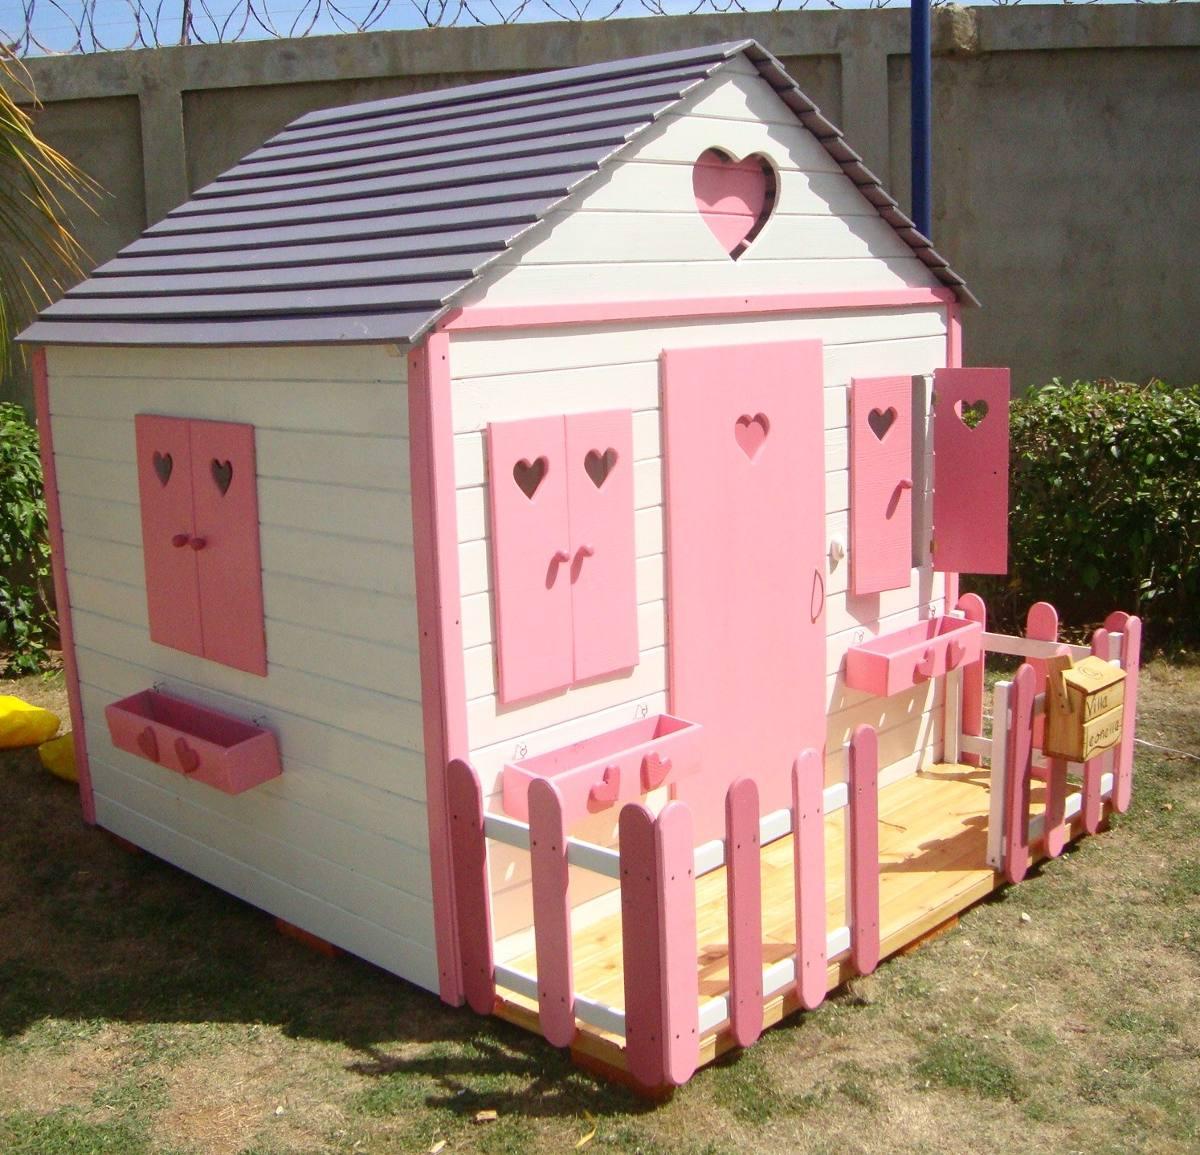 Casa ni as juguete grande madera para jardines bs for Casa de jardin ninos